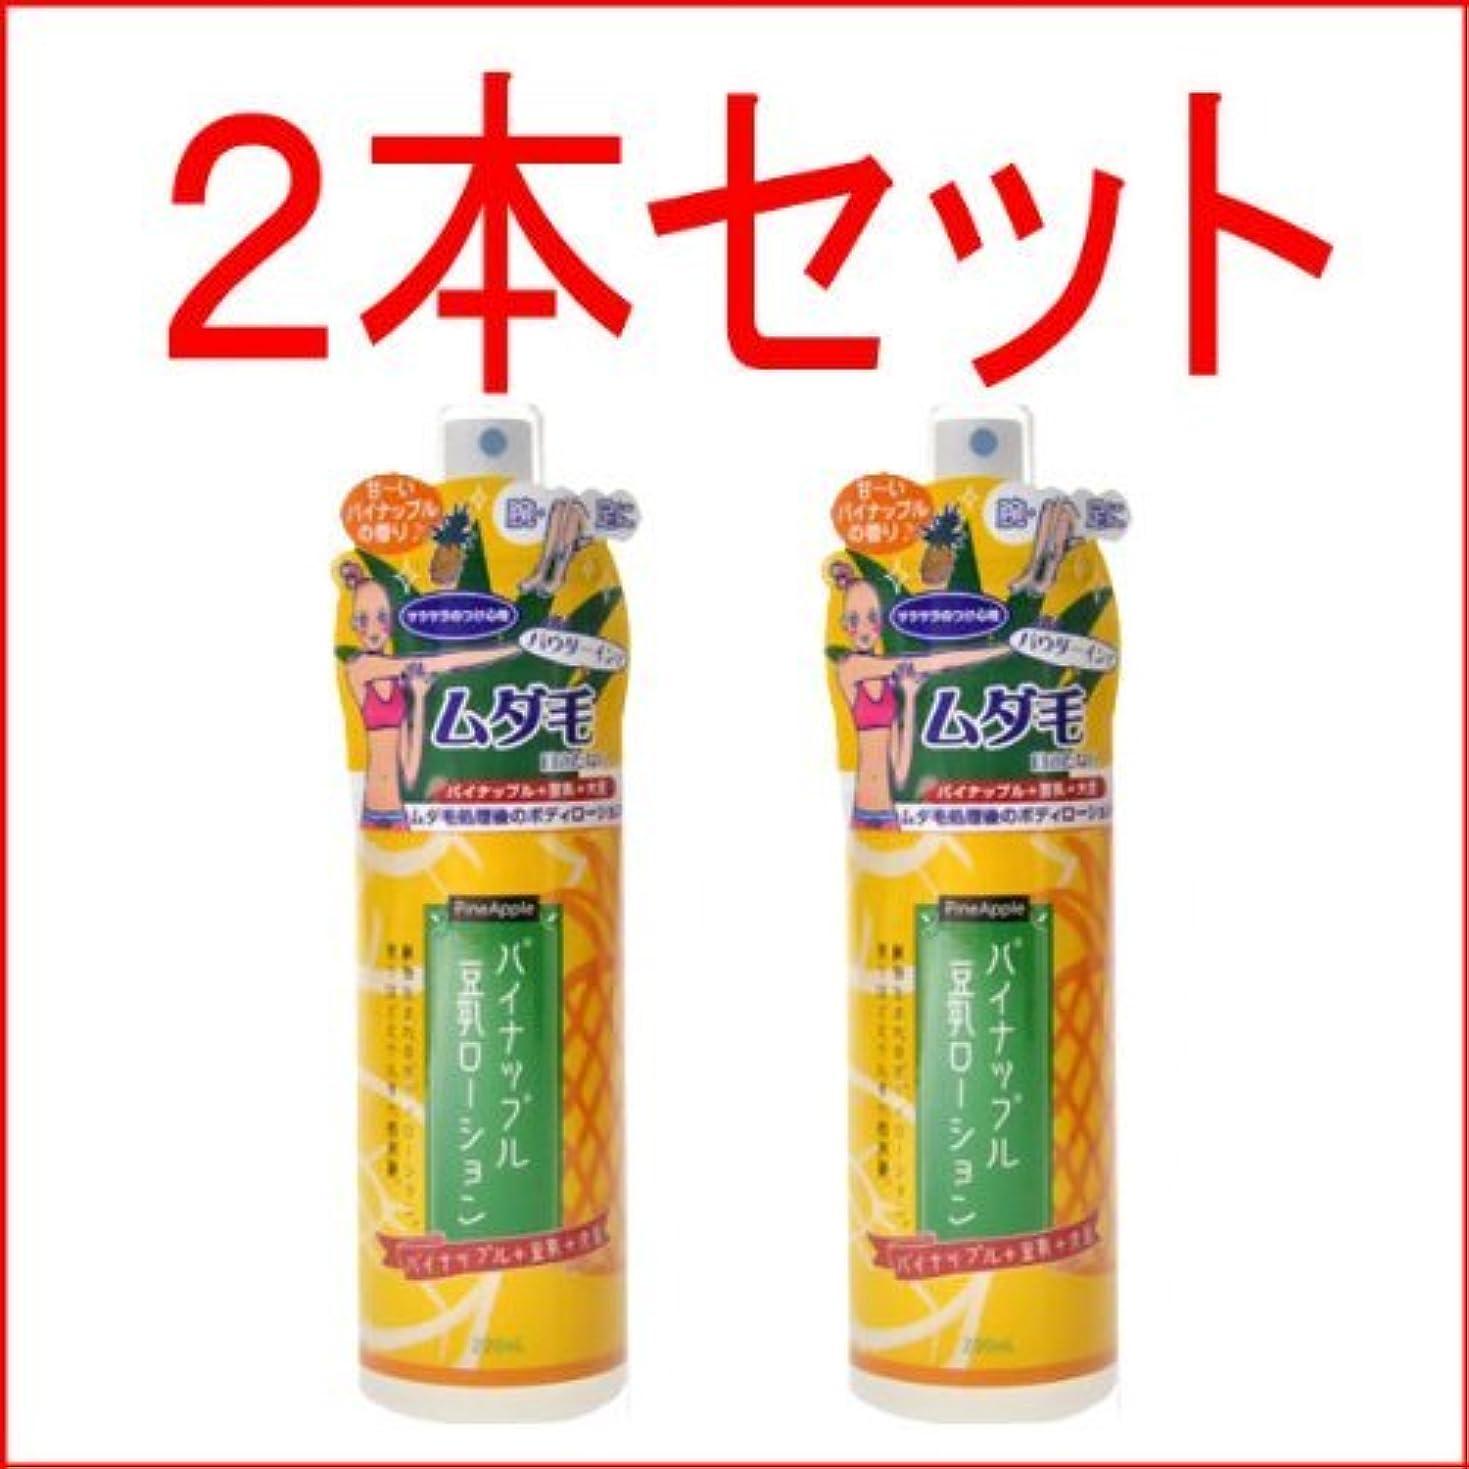 おそらくアブストラクト描写パイナップル豆乳ローション2本セット【ムダ毛処理後専用ボディーローション】